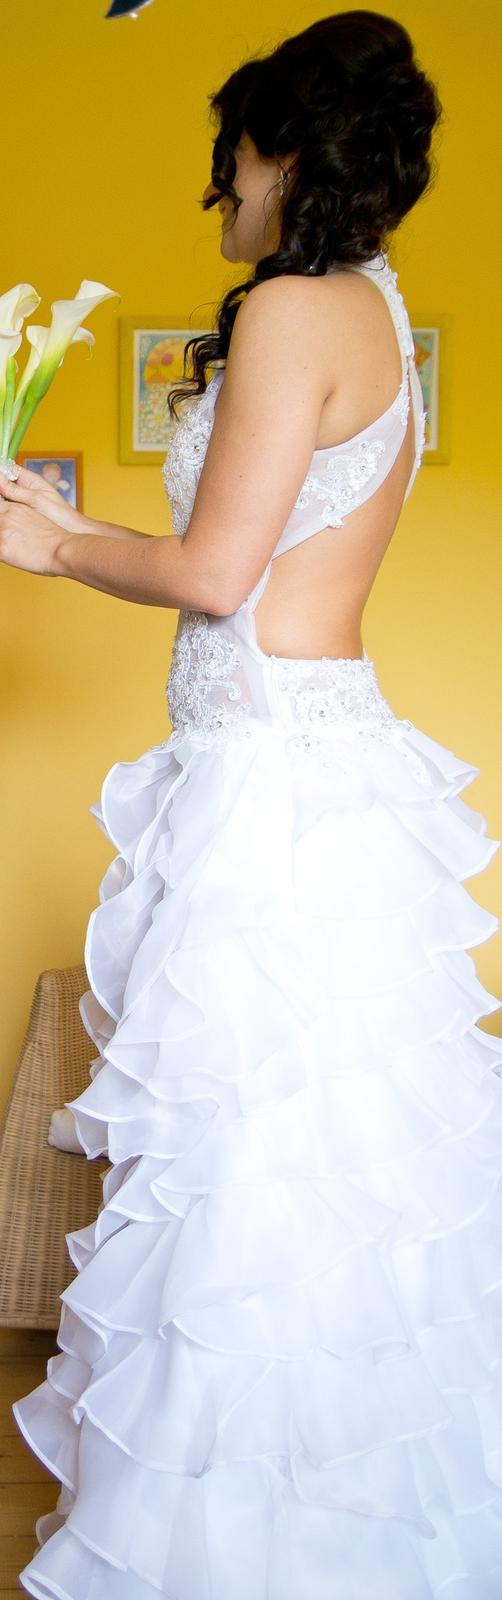 Svatební šaty s originálním střihem - 37 - Obrázek č. 3